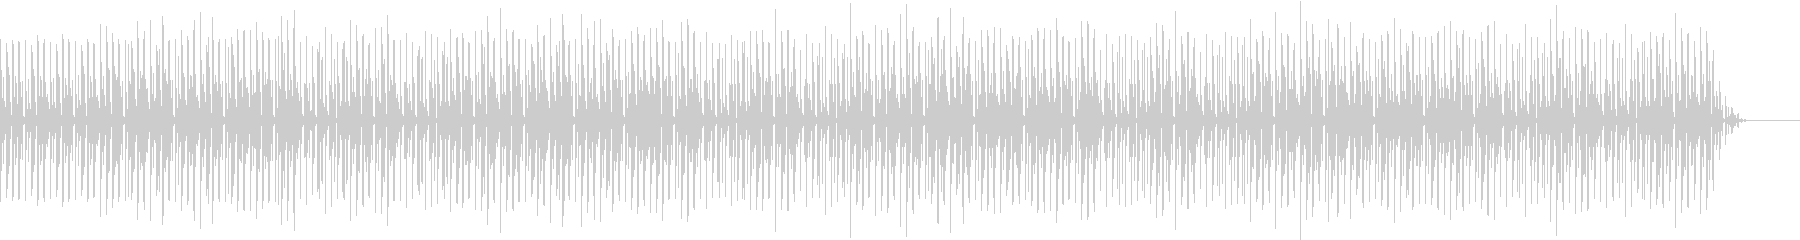 コミカルなファンクの未再生の波形